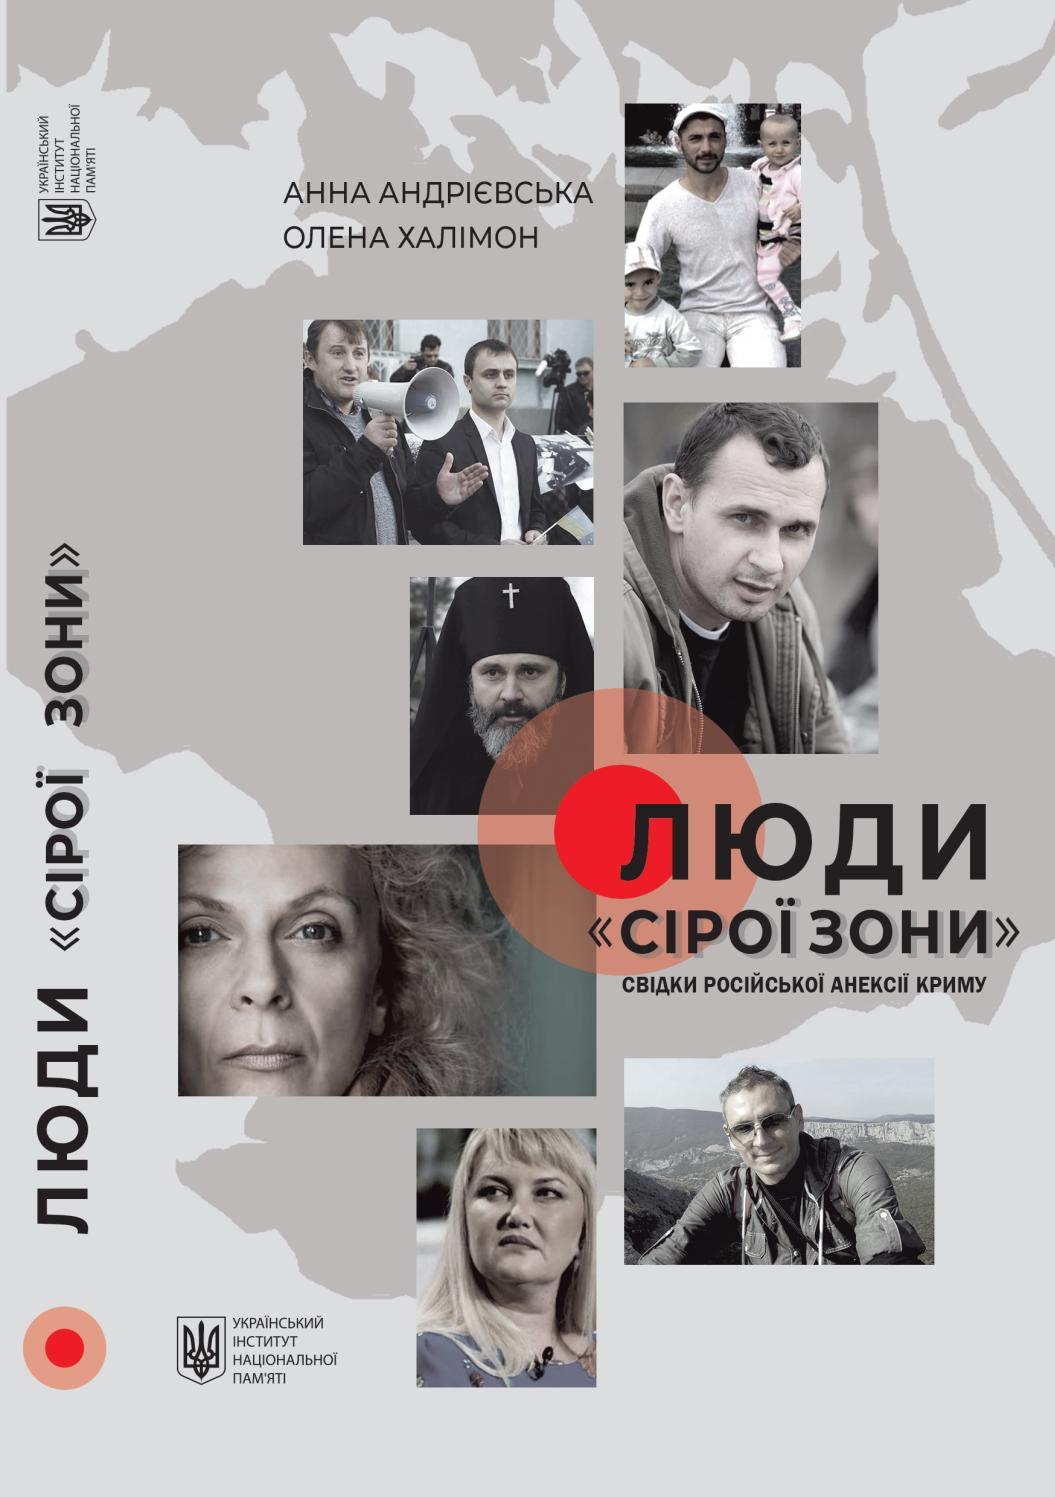 Свідки російської анексії Криму 2014 року by Український Інститут  національної пам яті - issuu 11be42c33e5ab